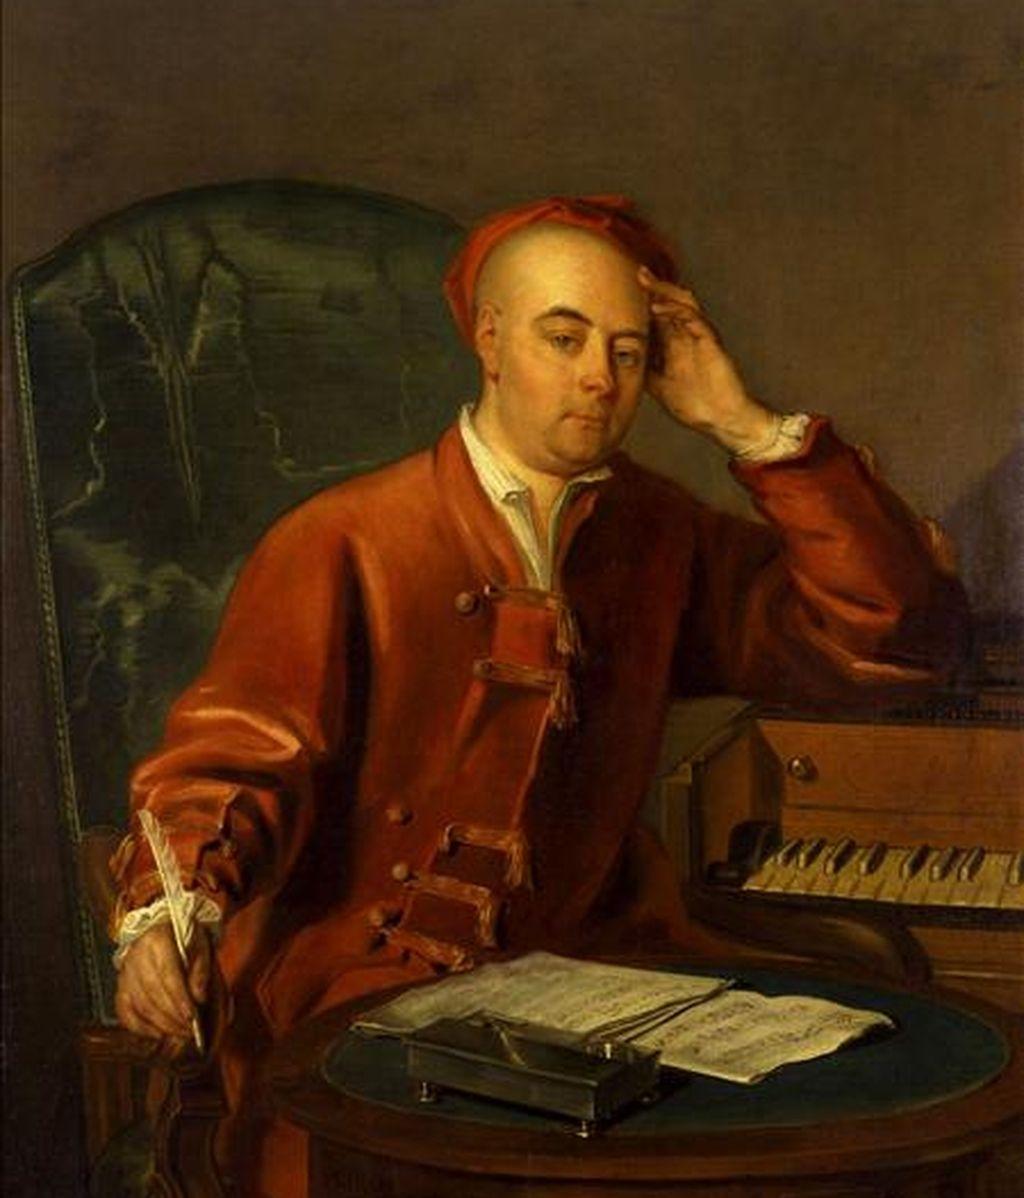 Una exposición en la casa que ocupó Georg Friedrich Handel (1685-1759) durante 36 años y en la que compuso sus óperas y oratorios más célebres, entre ellos El Mesías, marca el 250 aniversario de la muerte del gran músico alemán del barroco. EFE